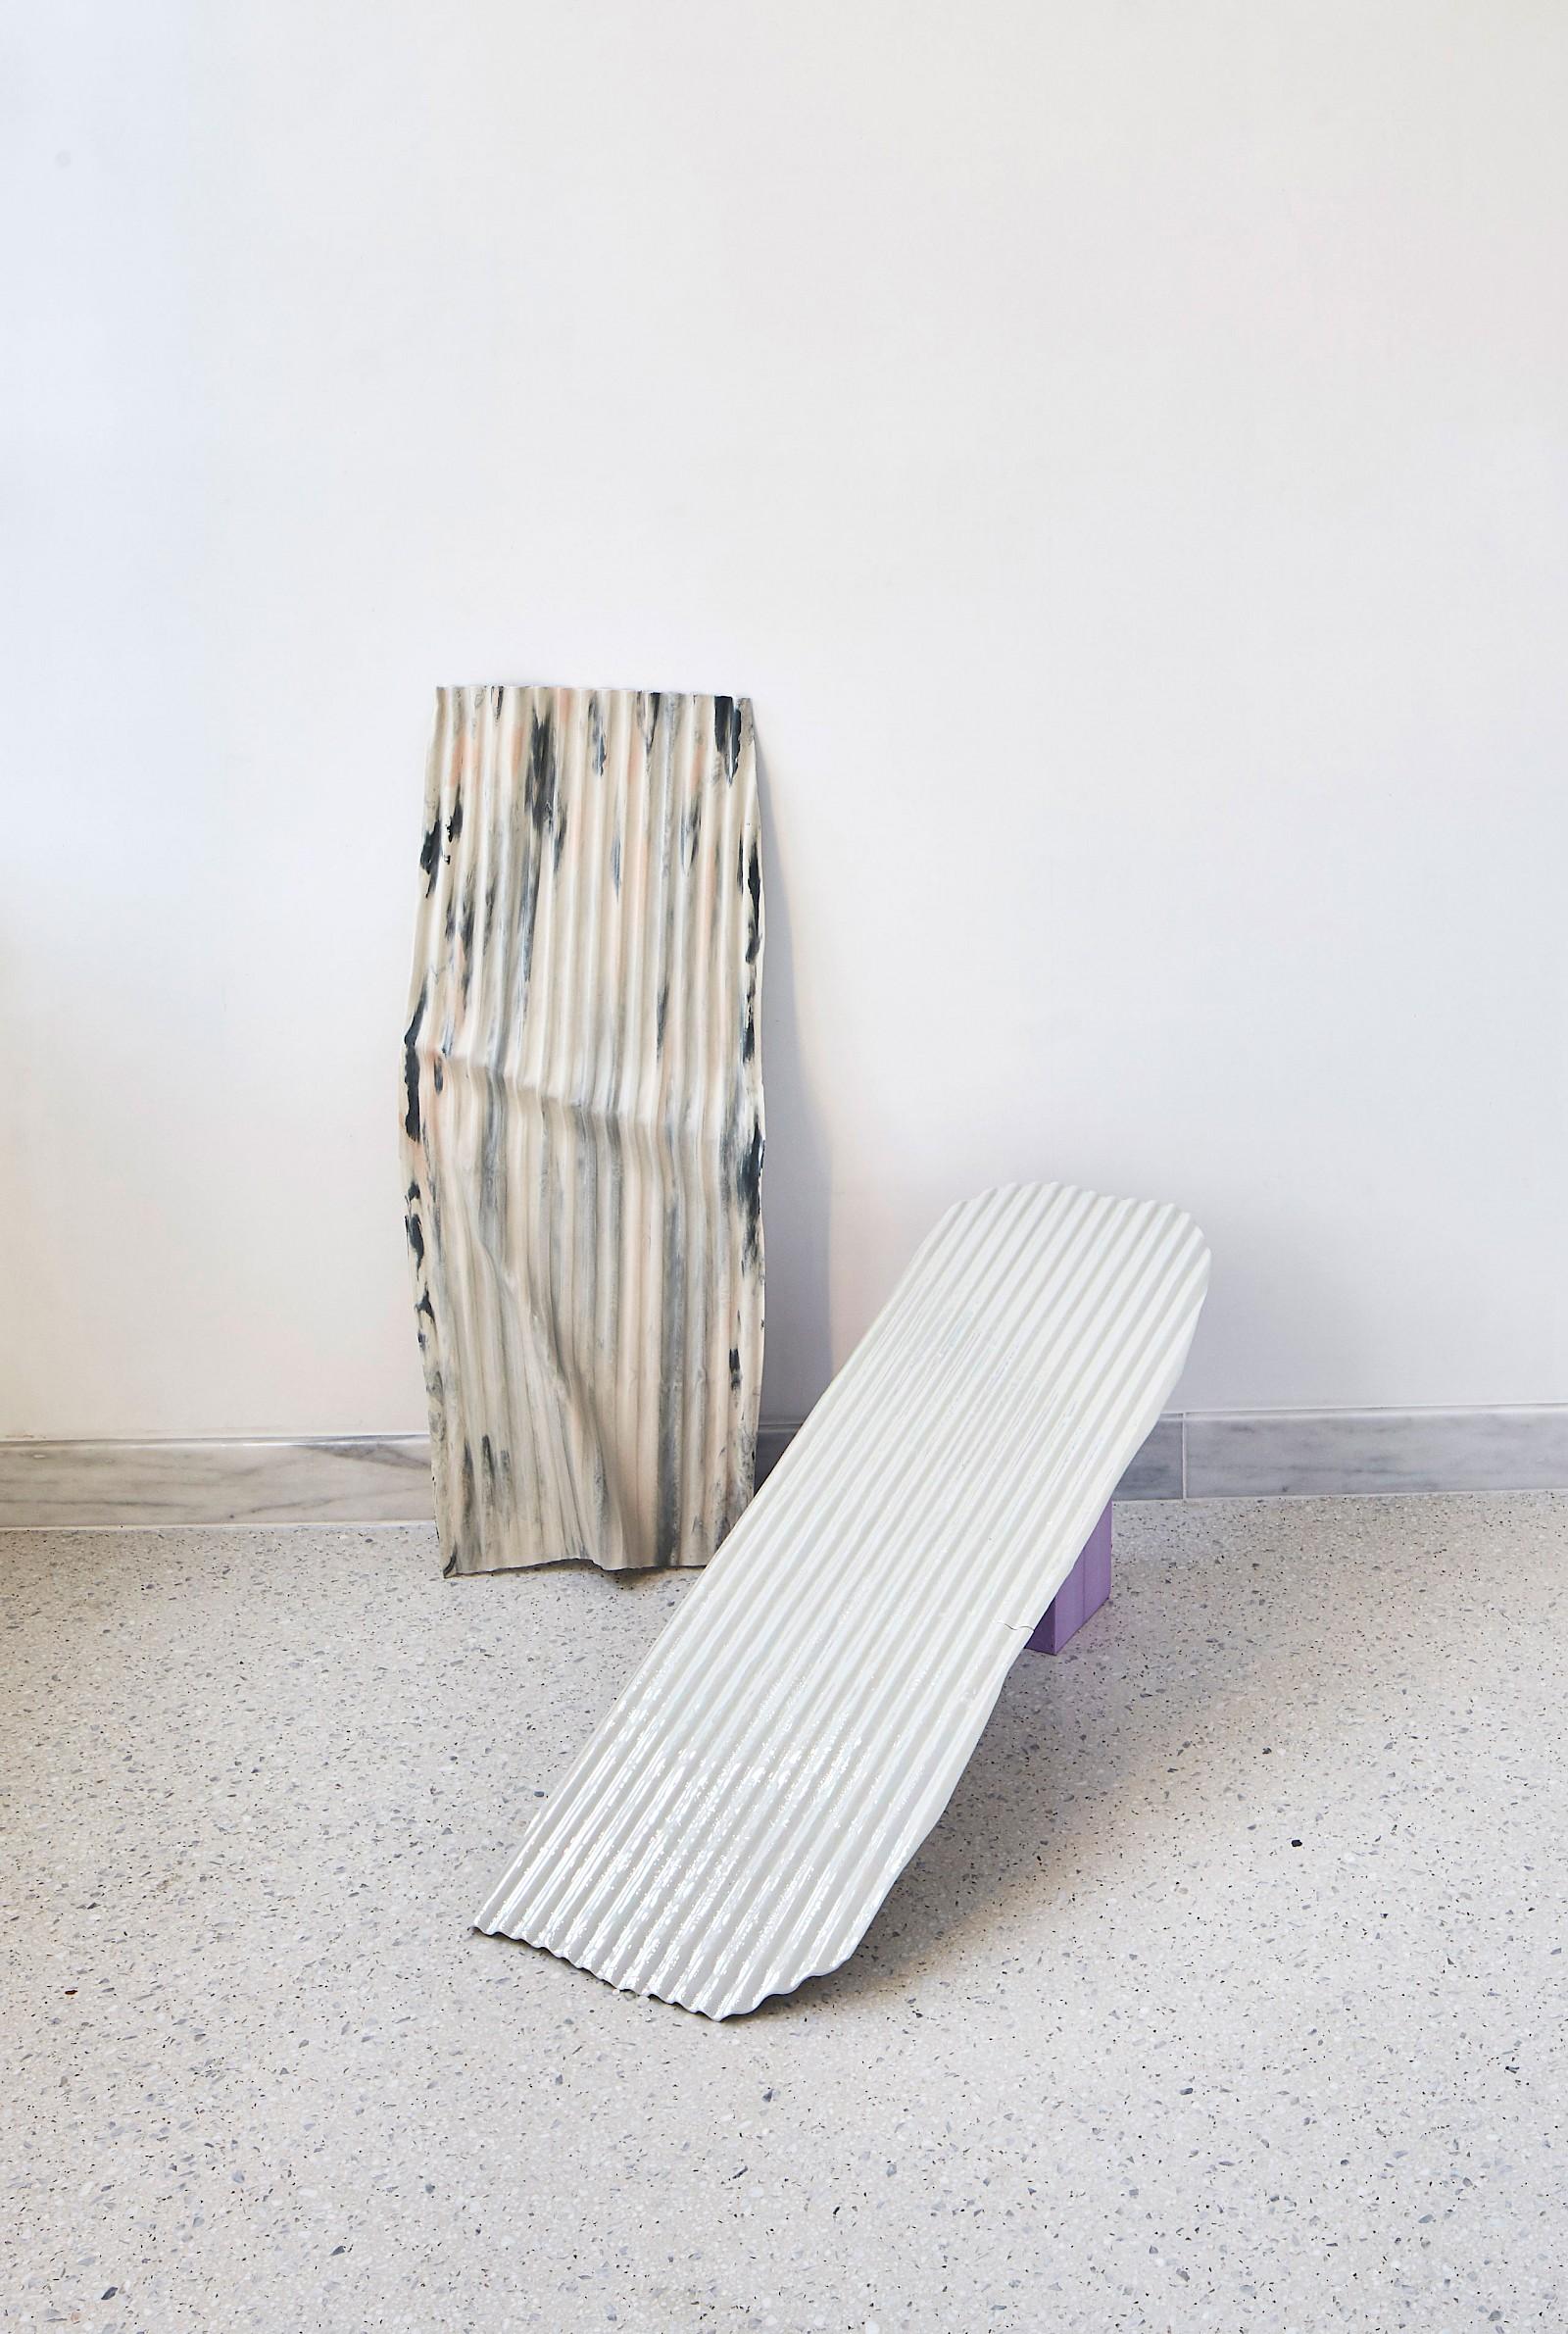 Image - Ceramics, 105 × 75 × 6cm, Installation view